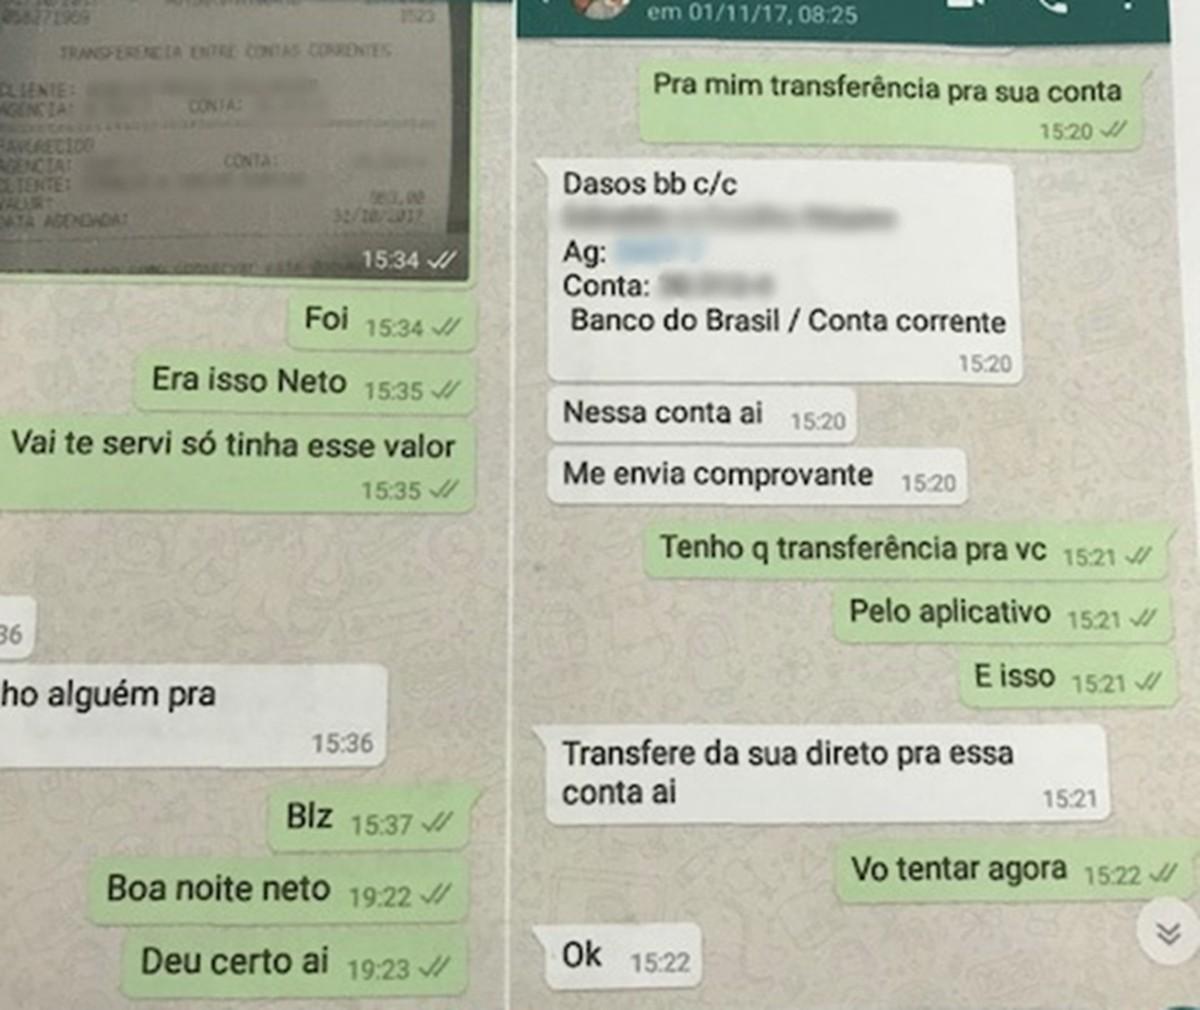 Prefeito relata à PF que teve WhatsApp clonado após estelionatário furtar R$ 50 mil de verba federal na PB